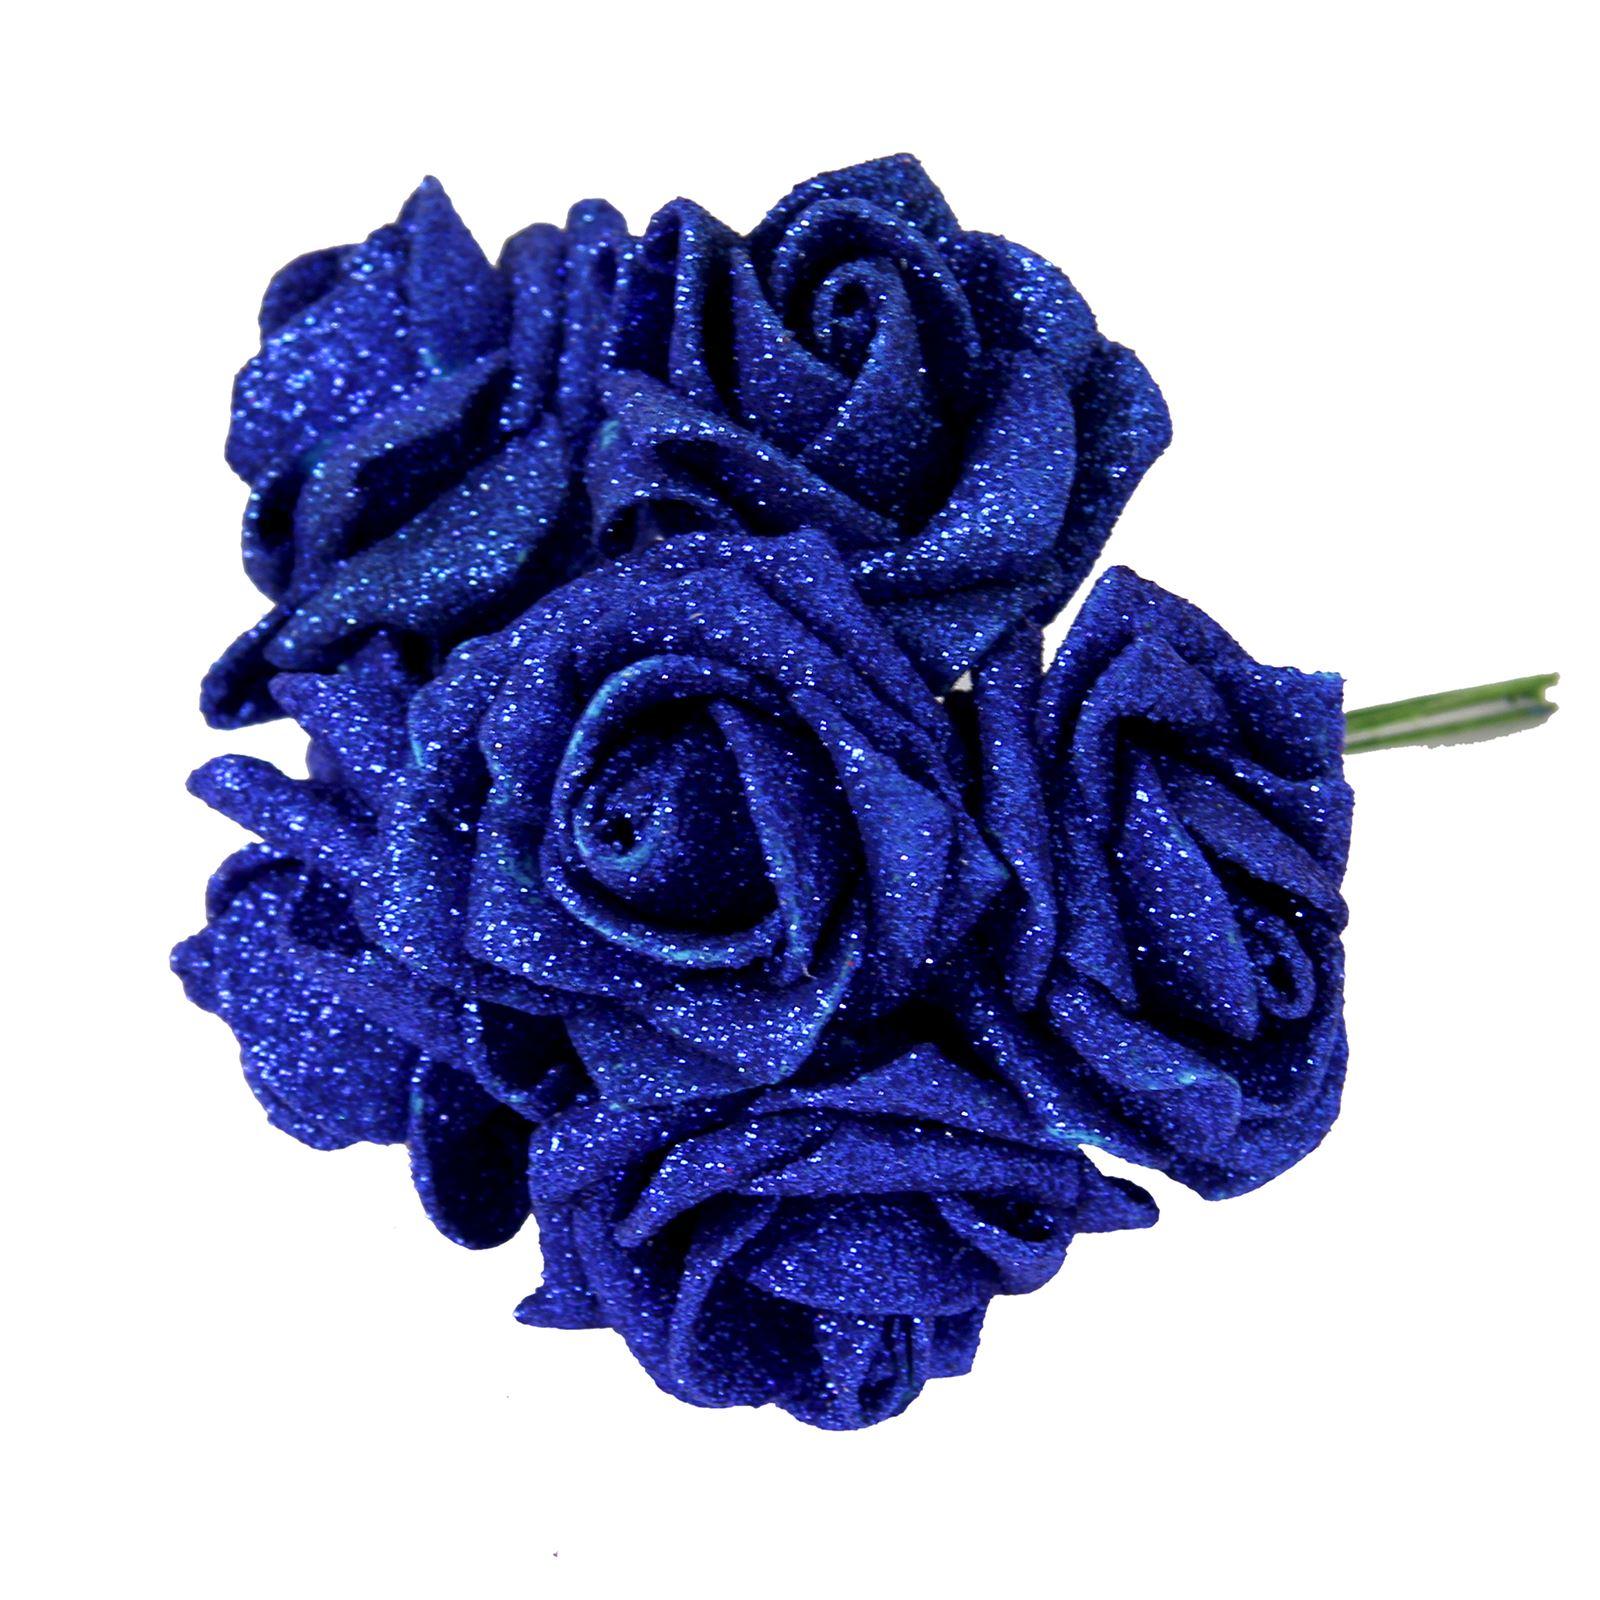 36x Full Glittered Foam Roses Bling Artificial Glitter Fake Flowers